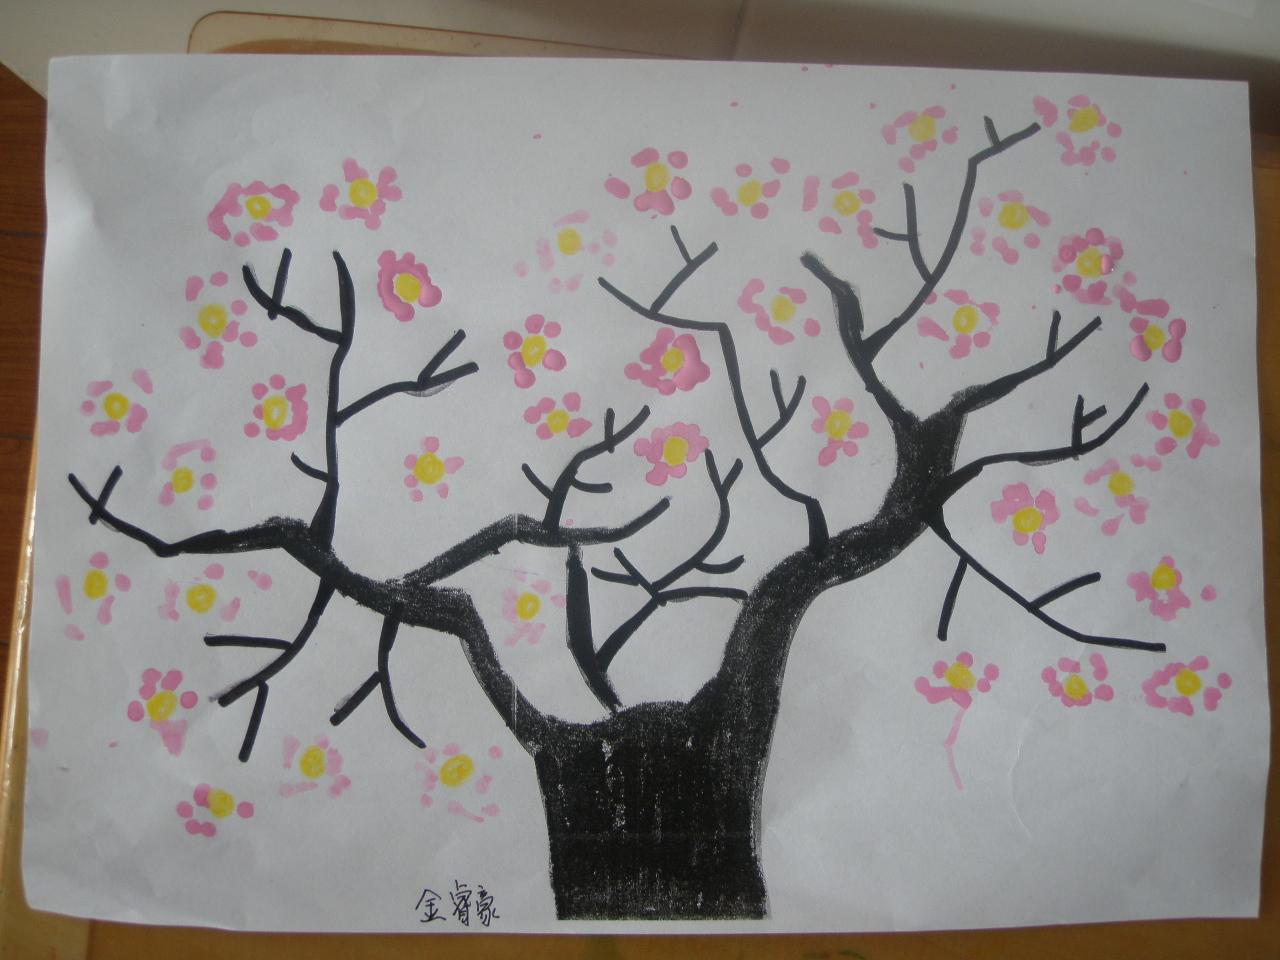 儿童画桃花怎么画